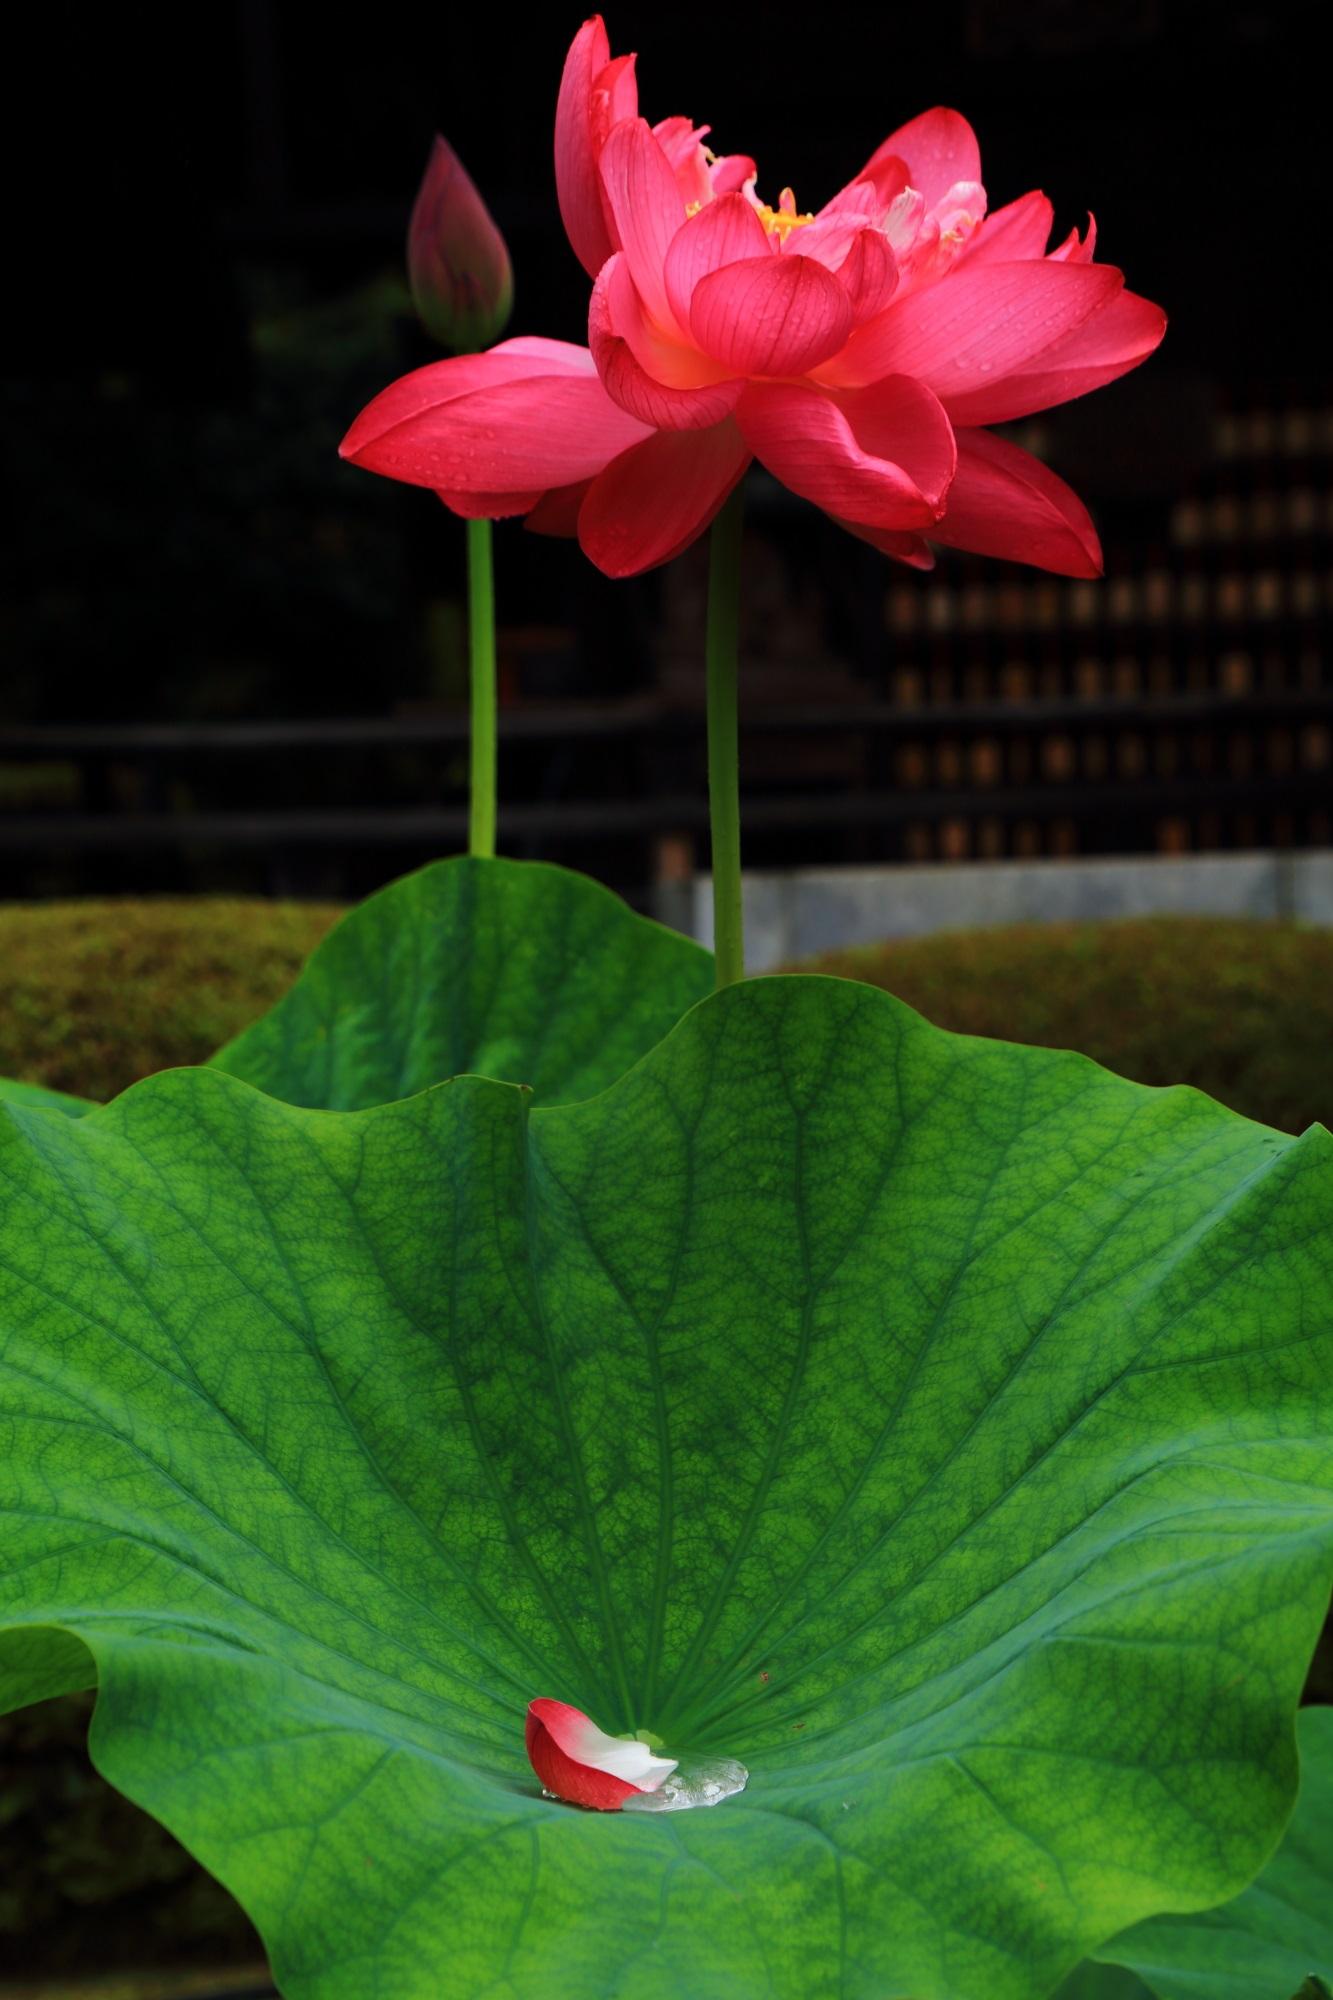 蓮の花の一生を表現しているような「蕾」「満開」「散り」